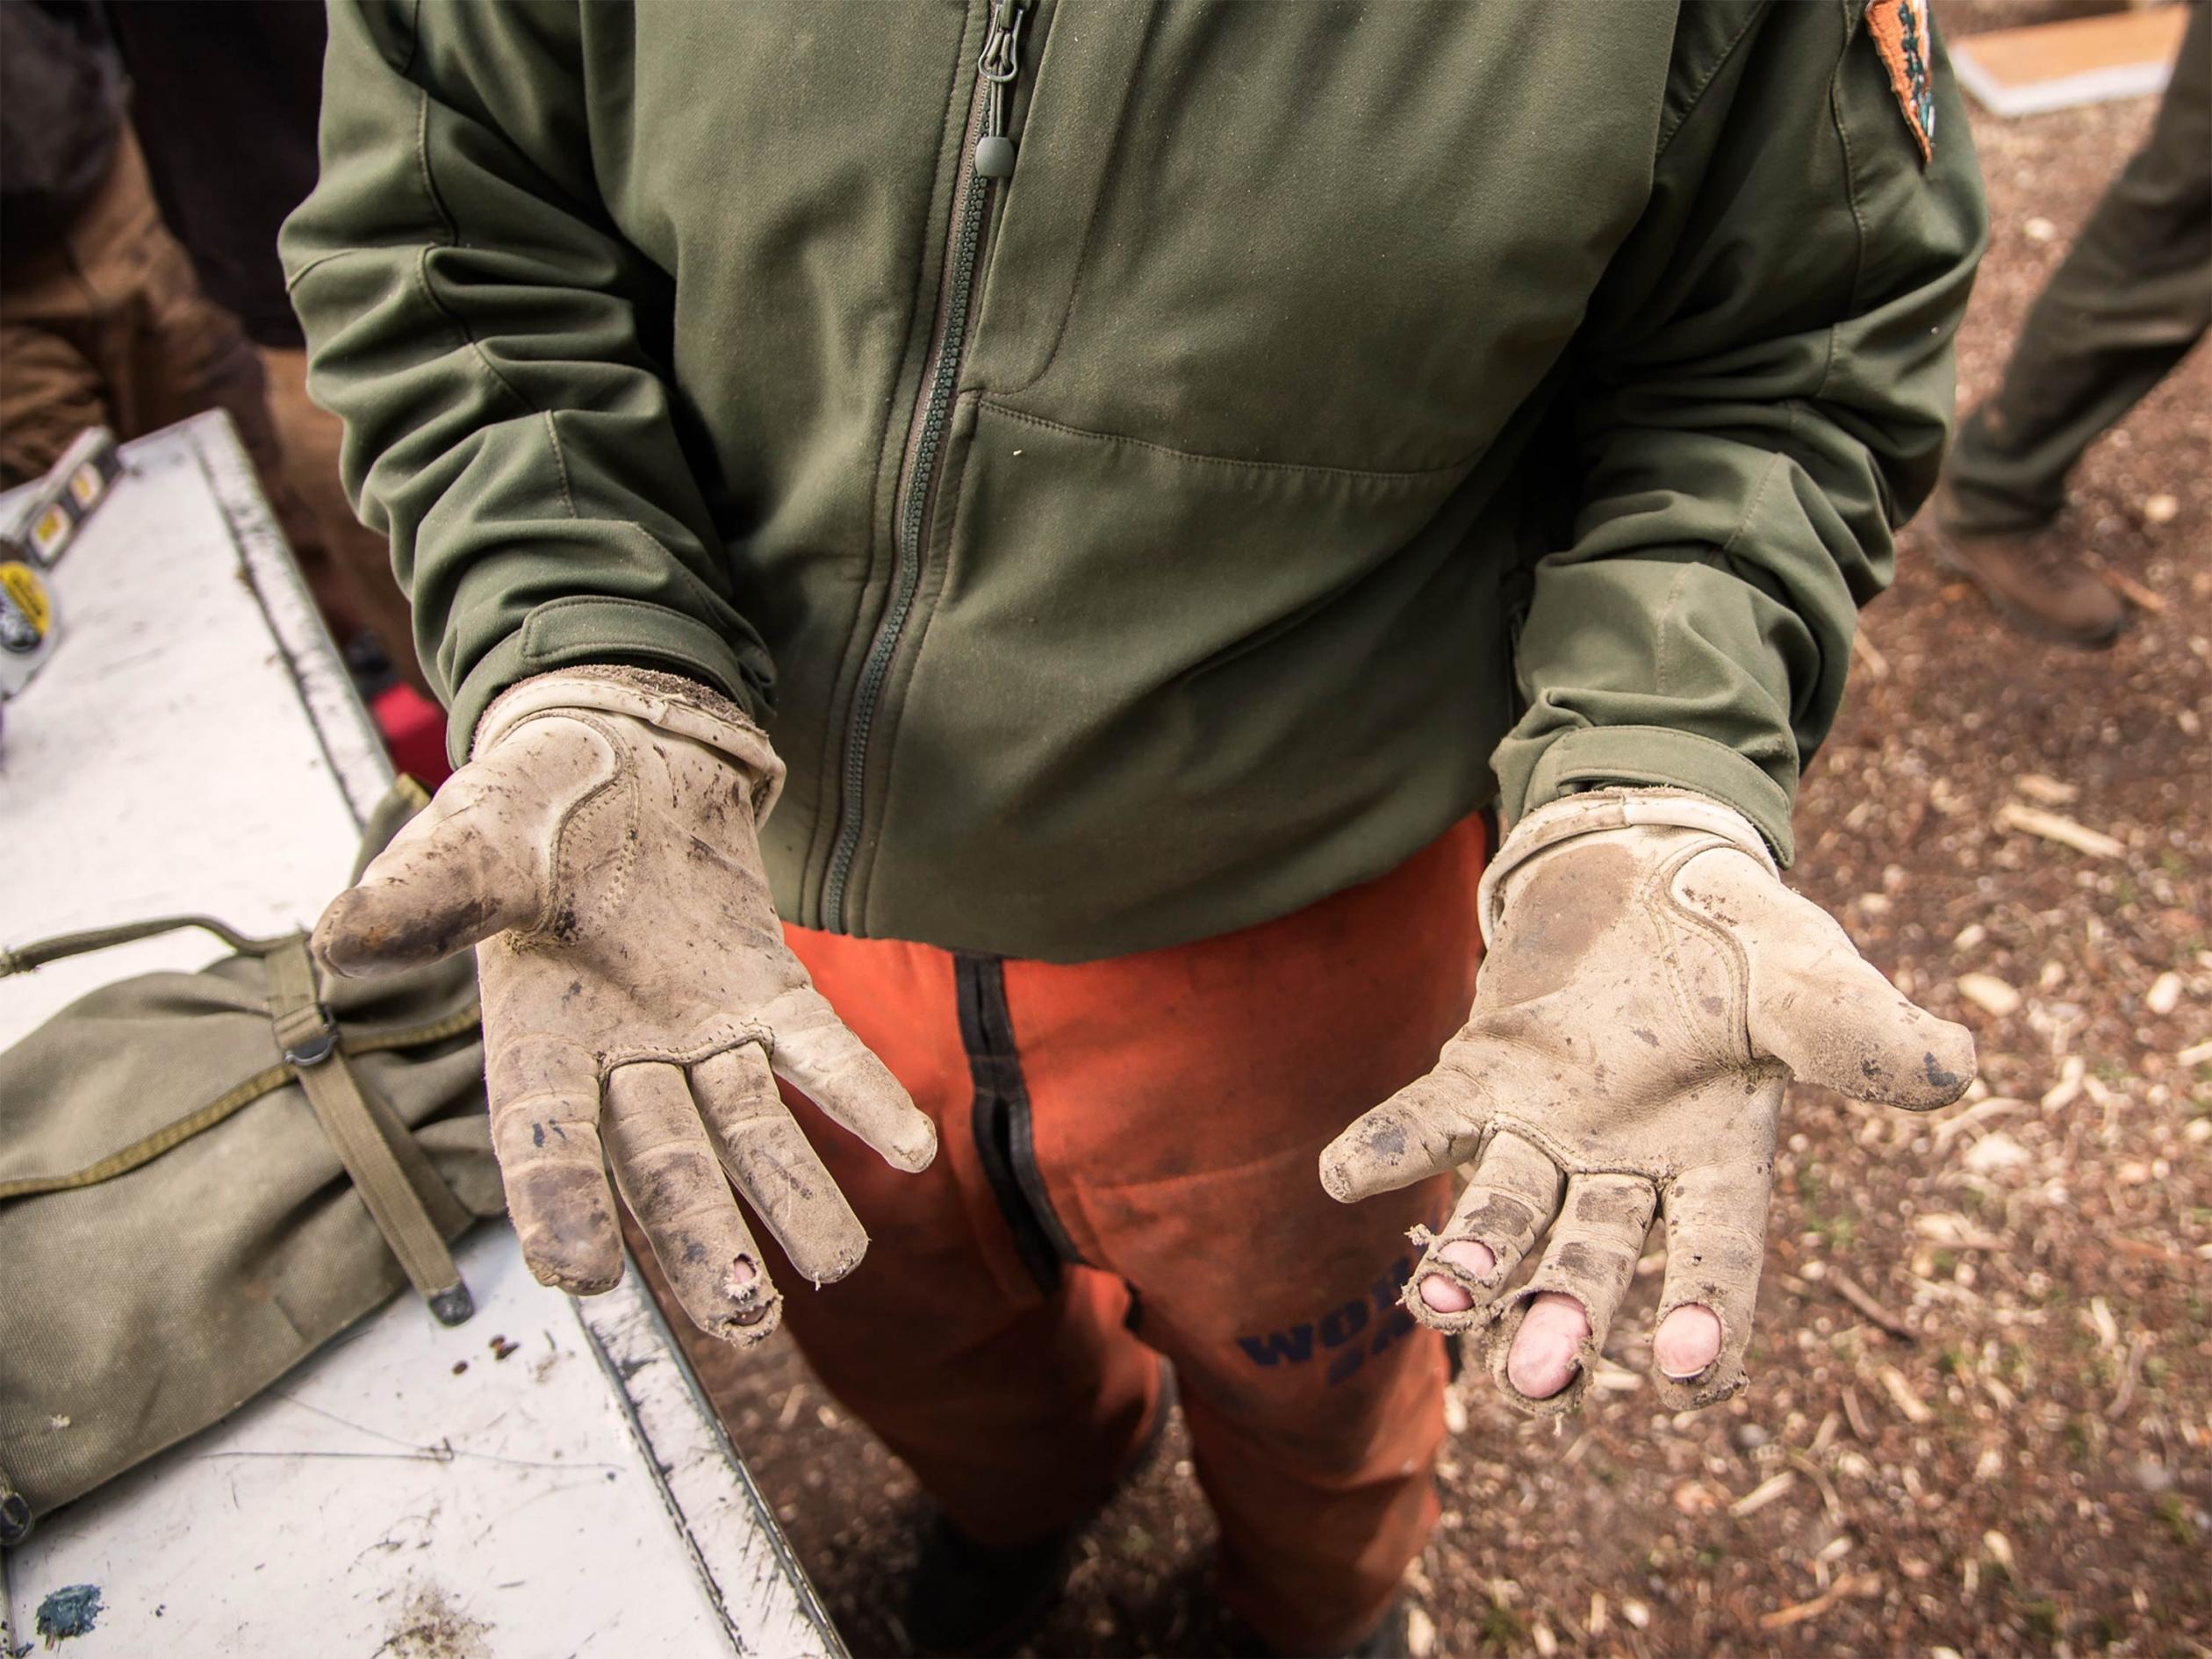 voluntarios parque con los guantes gastados